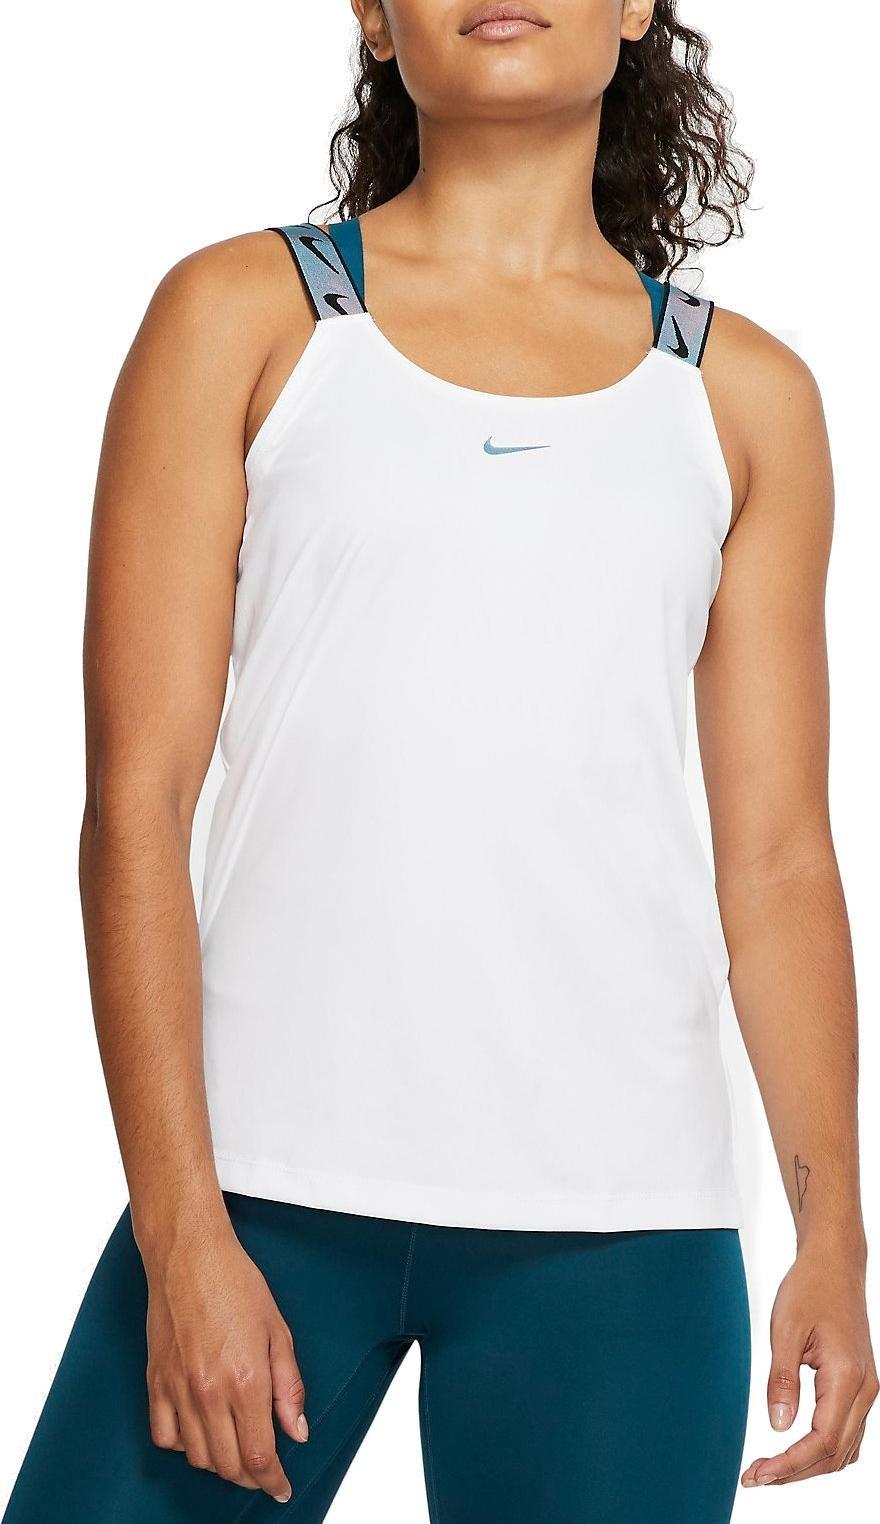 Dámské tréninkové tílko Nike Dri-FIT Elastika